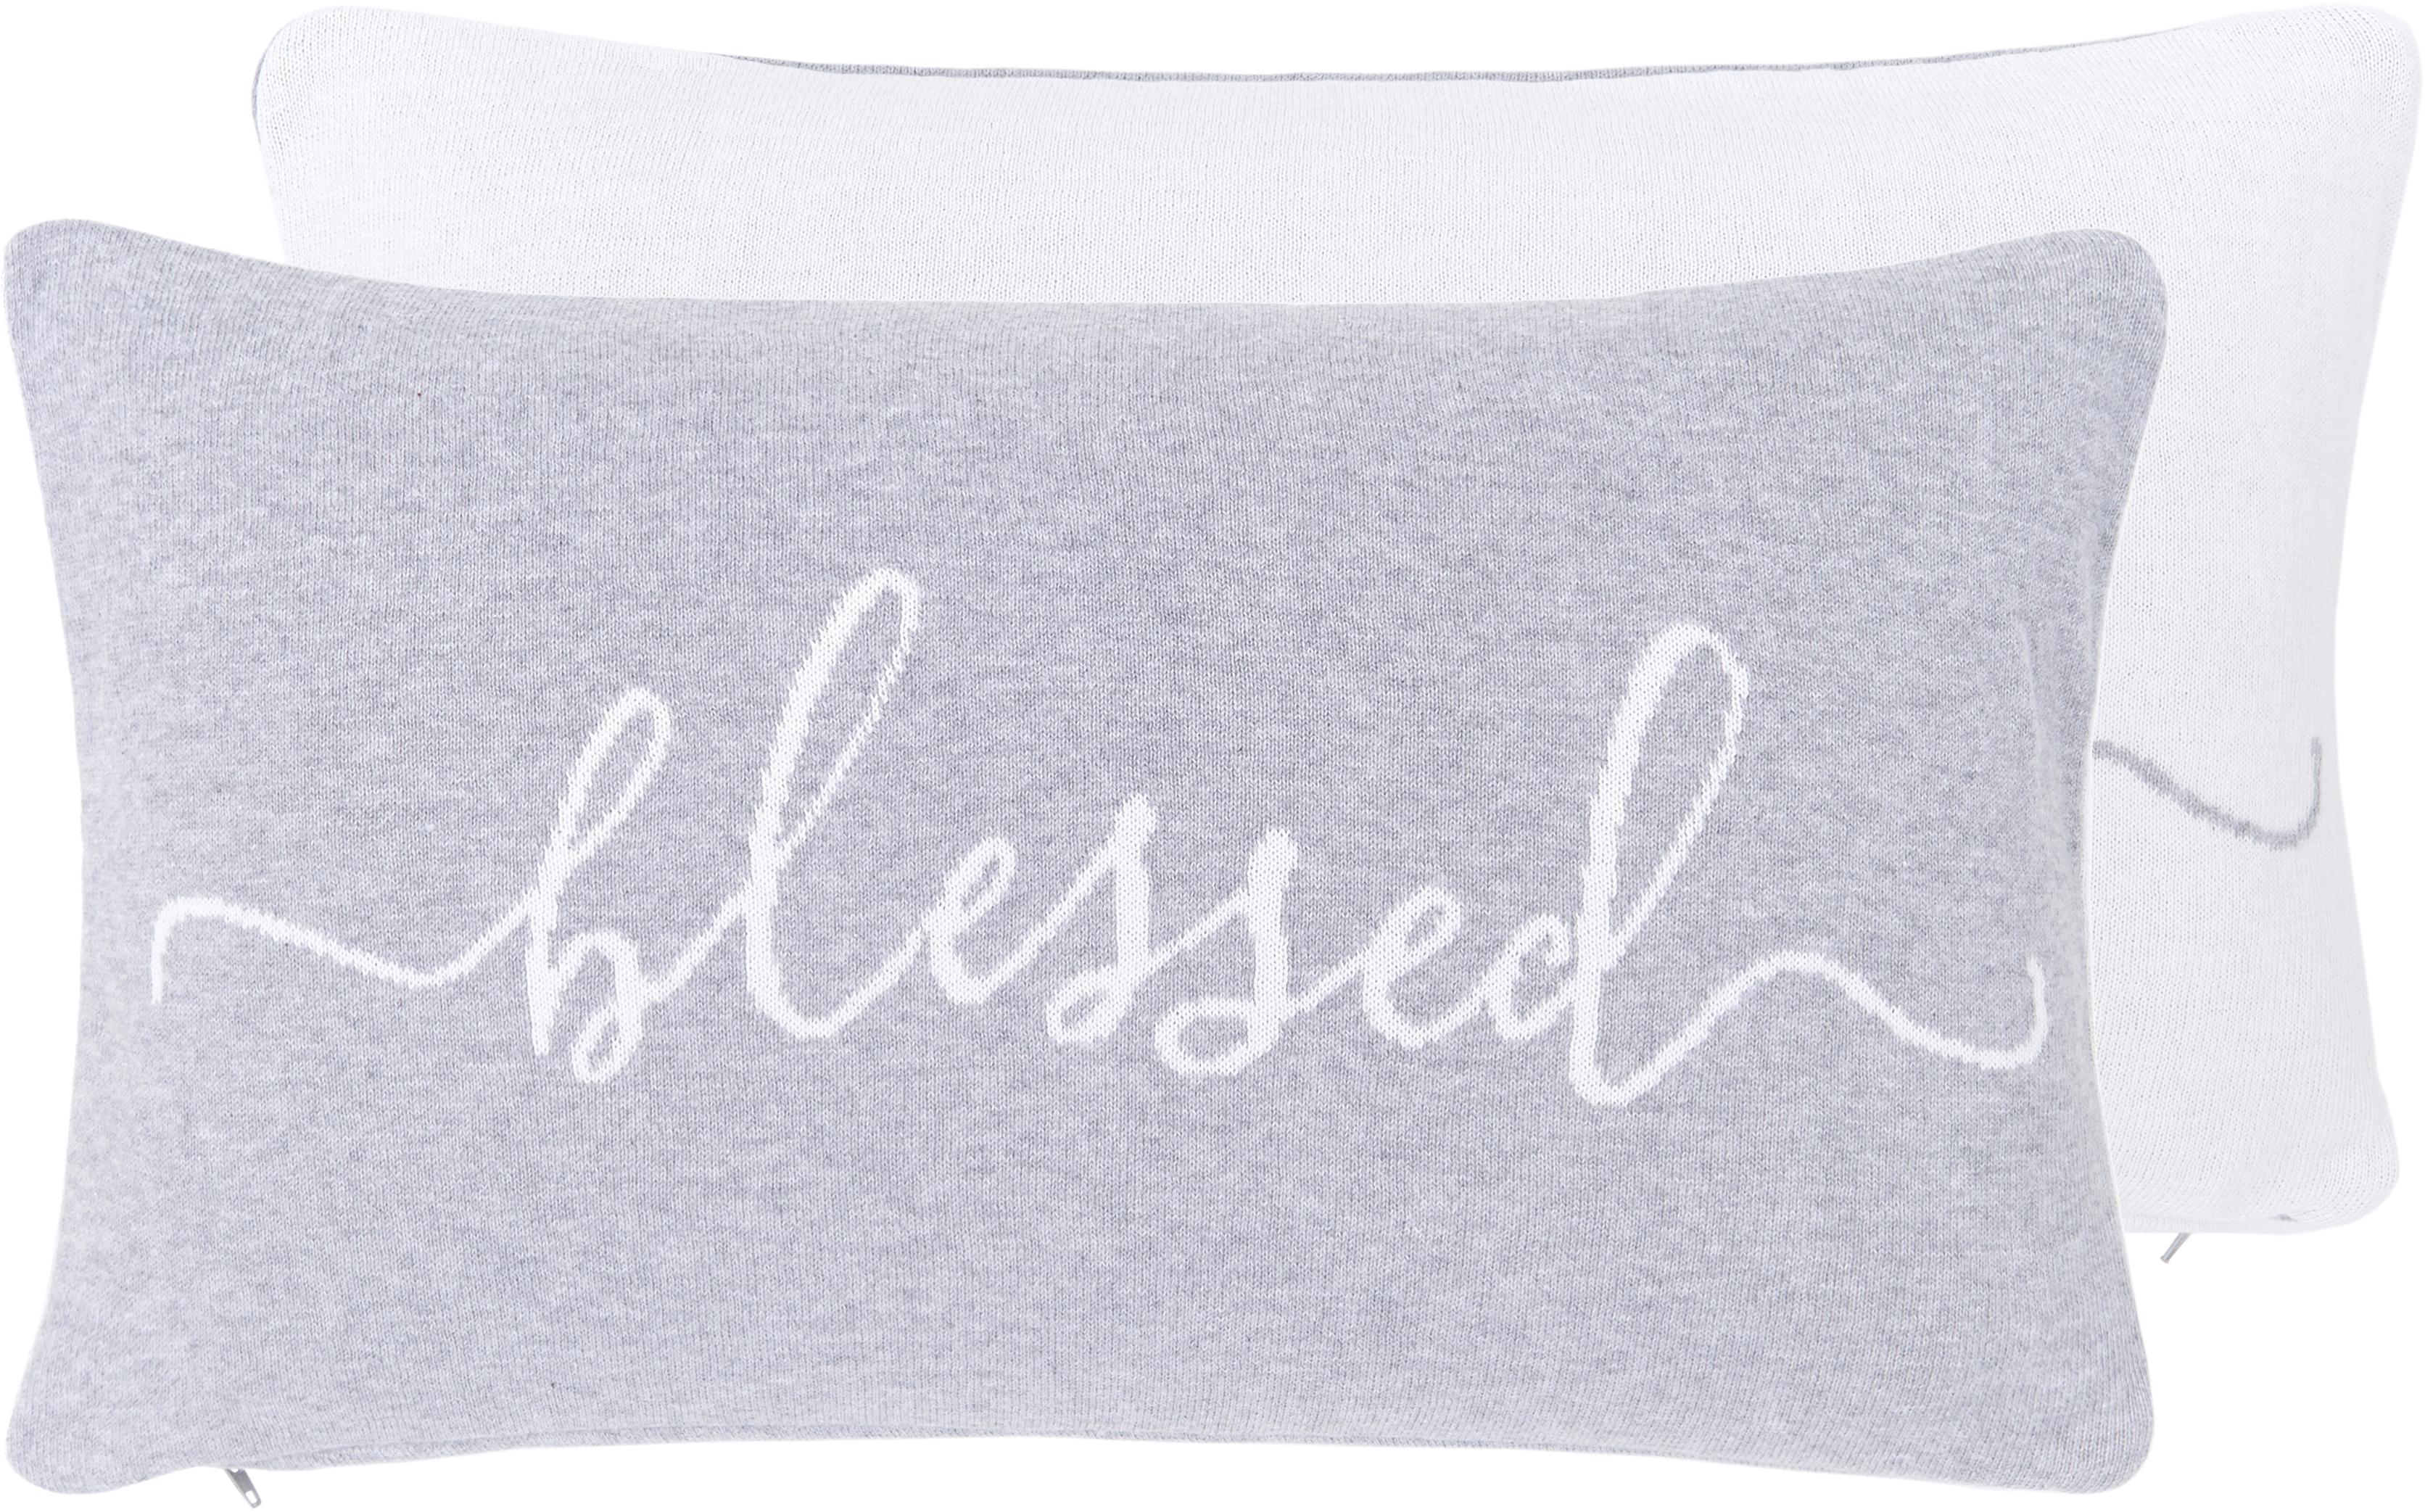 Federa reversibile fatta a maglia fine Besina, 100% cotone, Grigio chiaro, bianco crema, Larg. 30 x Lung. 50 cm